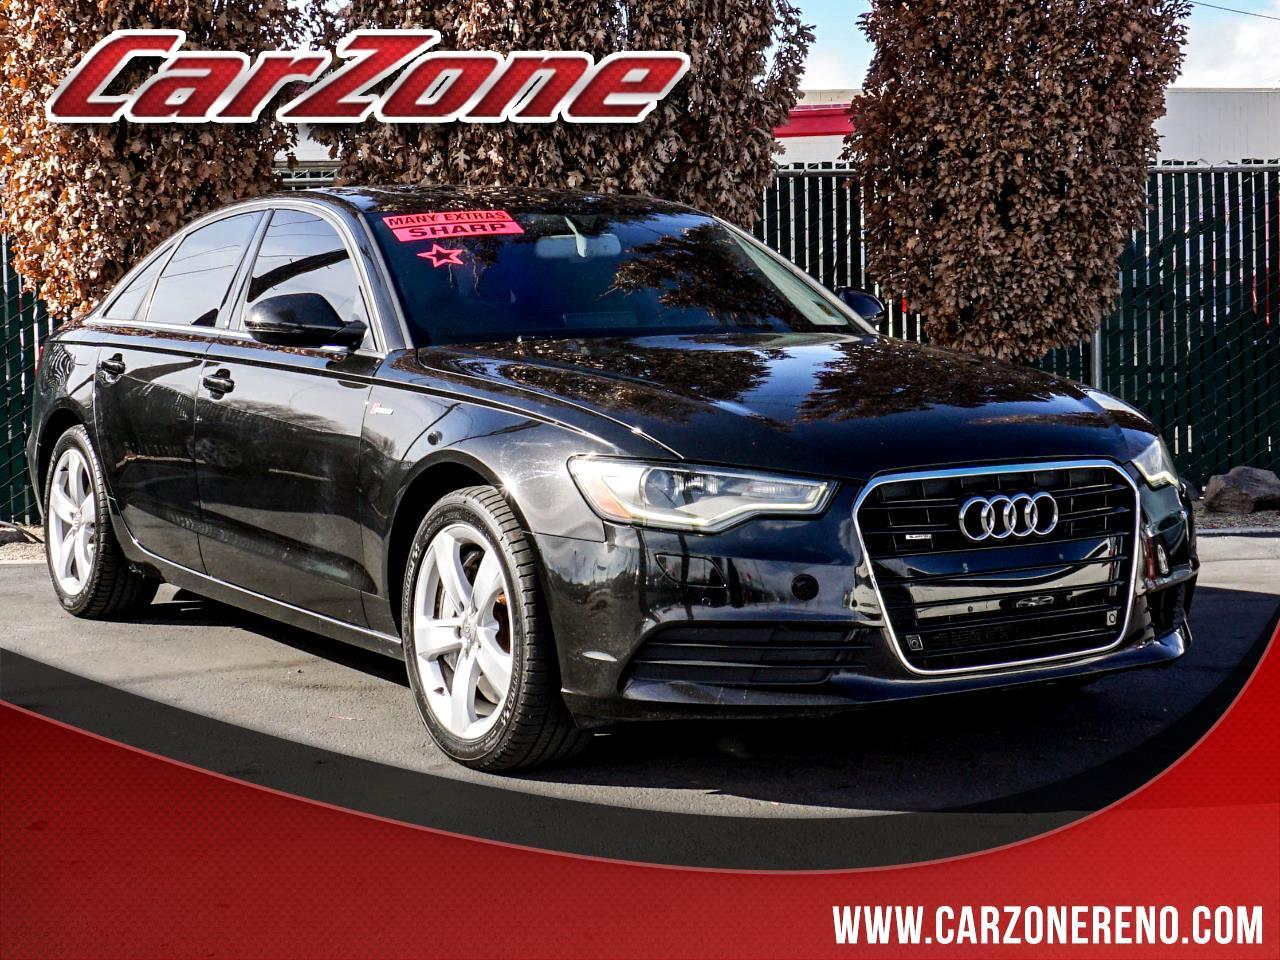 Audi A6 4dr Sdn quattro 3.0T Premium Plus 2012